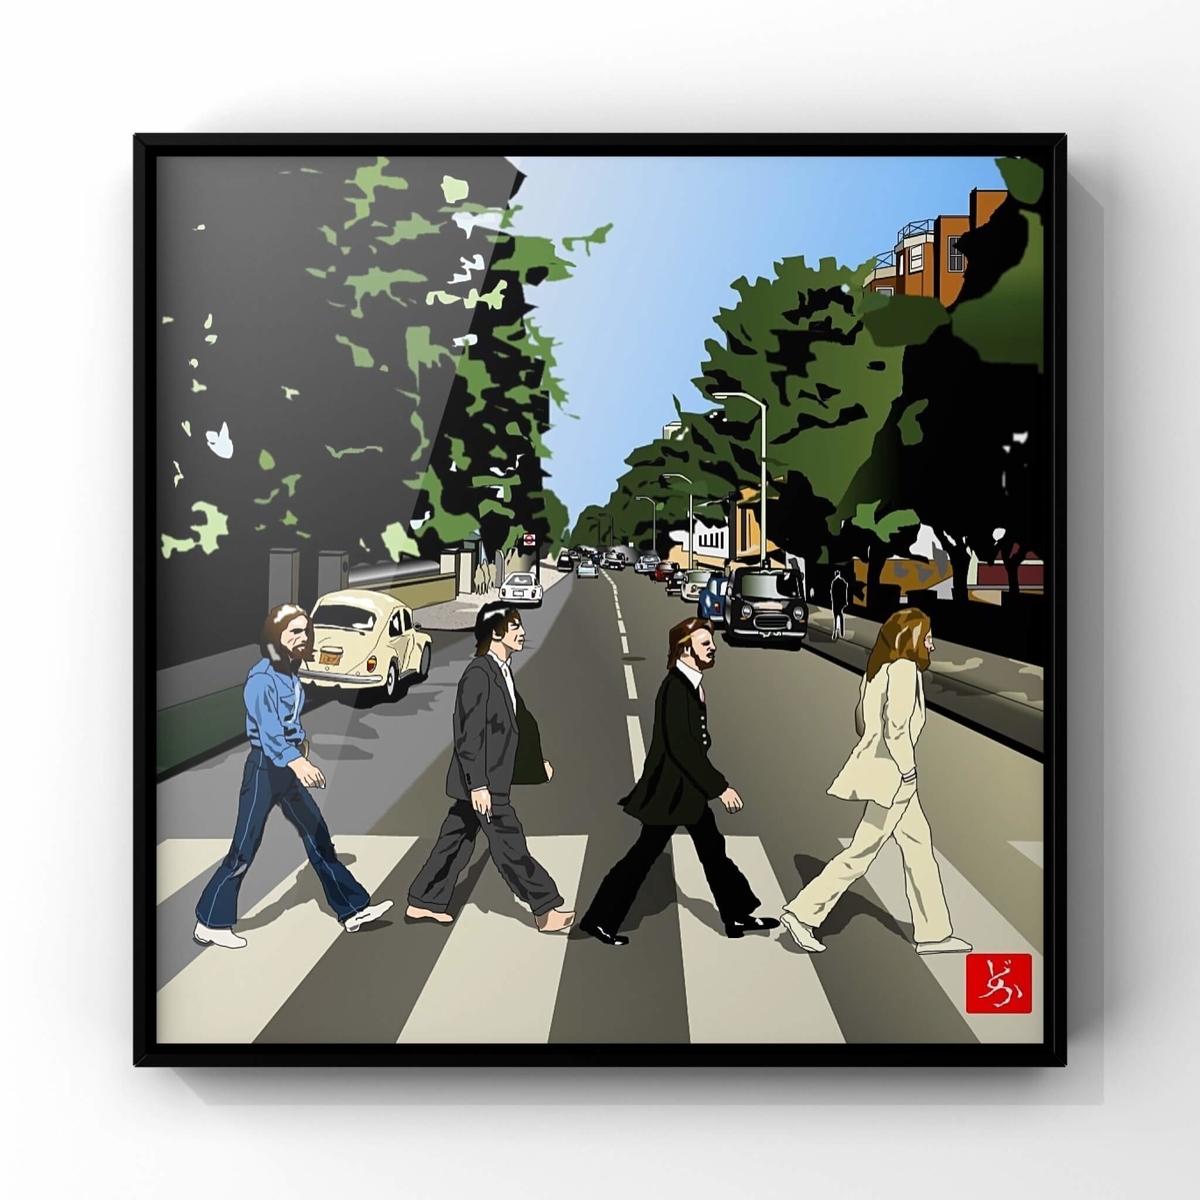 ビートルズ「アビーロード」のエクセル画イラスト額装版